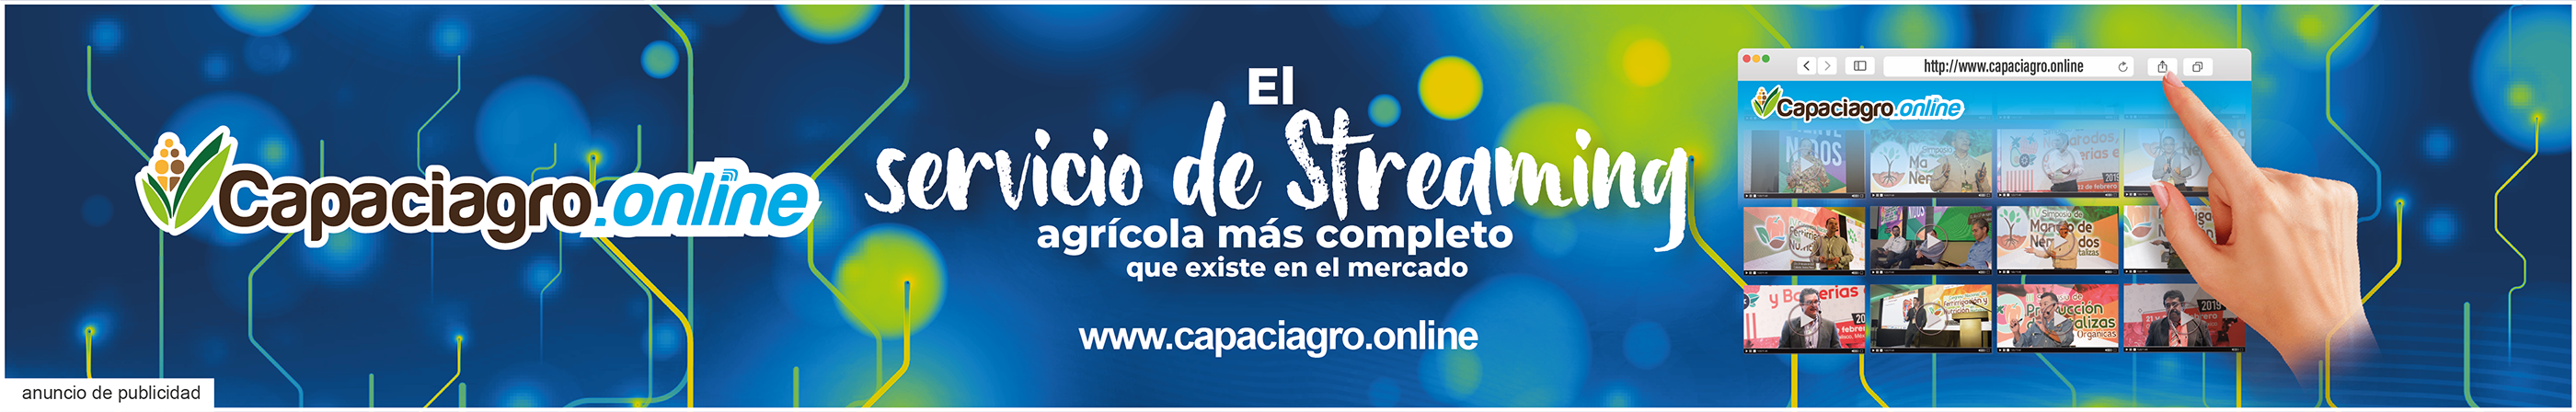 https://agroexcelencia.com/wp-content/uploads/2021/03/Slide-anuncio-01.png